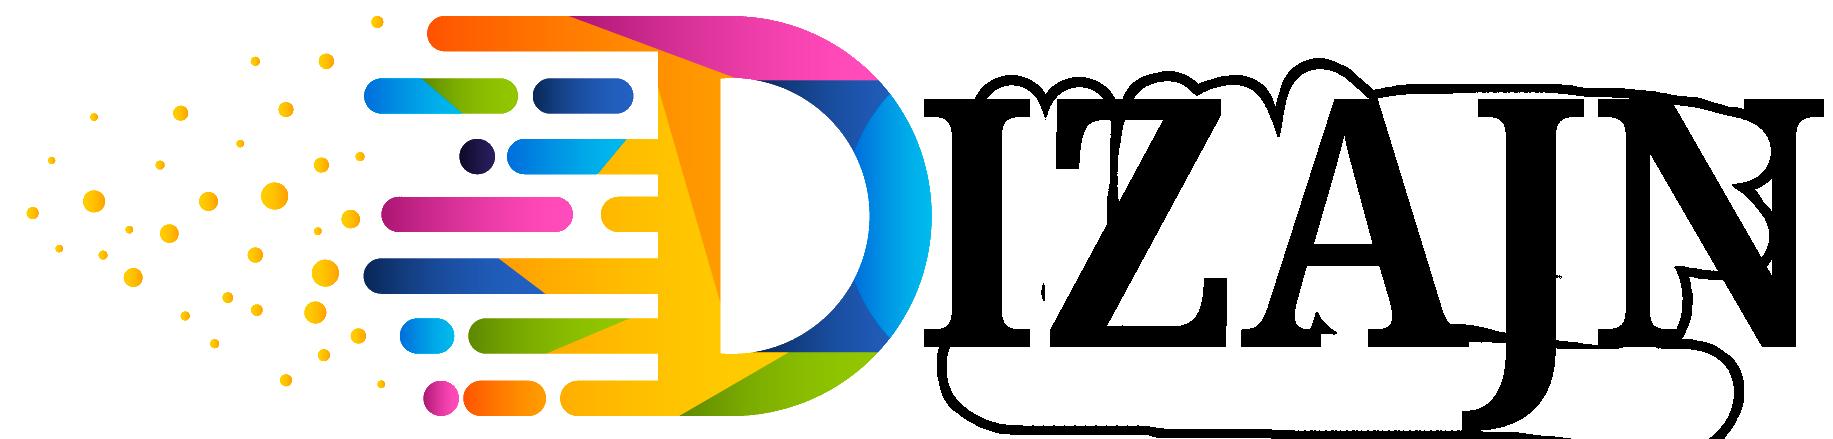 Dizajn vizualnog identitena